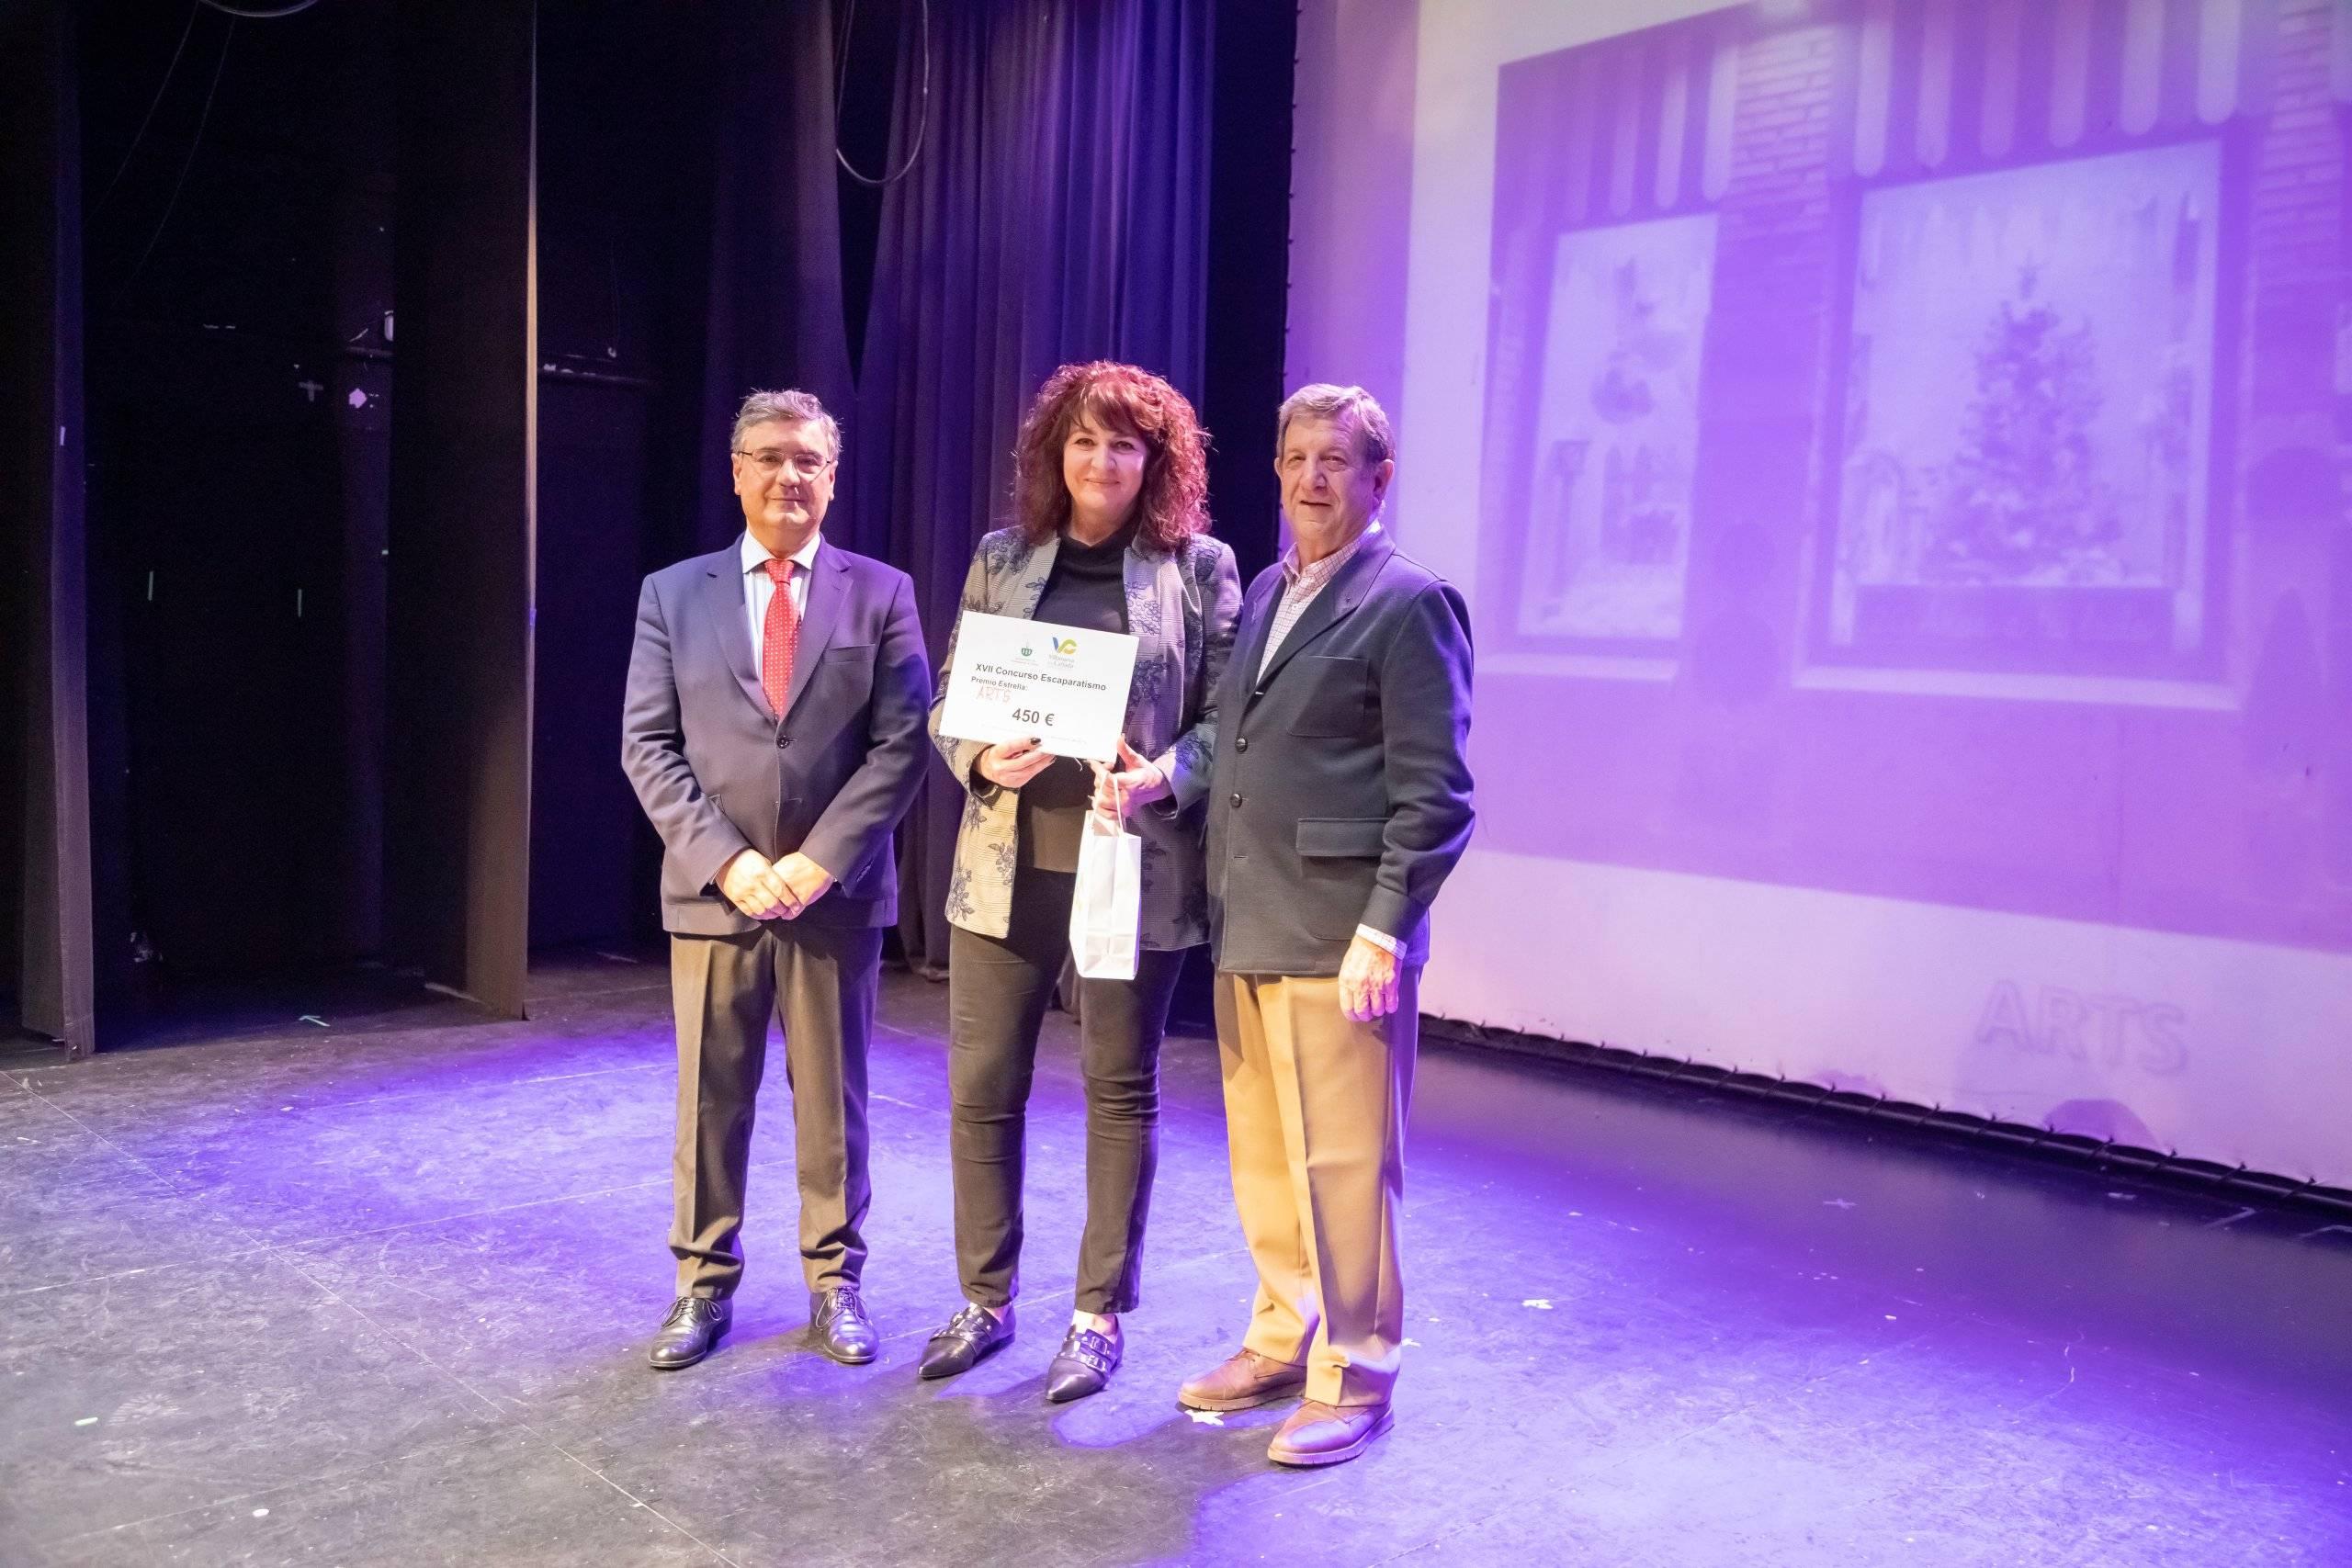 """El alcalde, Luis Partida, y el concejal de Desarrollo Local, Juan Miguel Gómez, entregando el premio a la representante de """"Arts""""."""